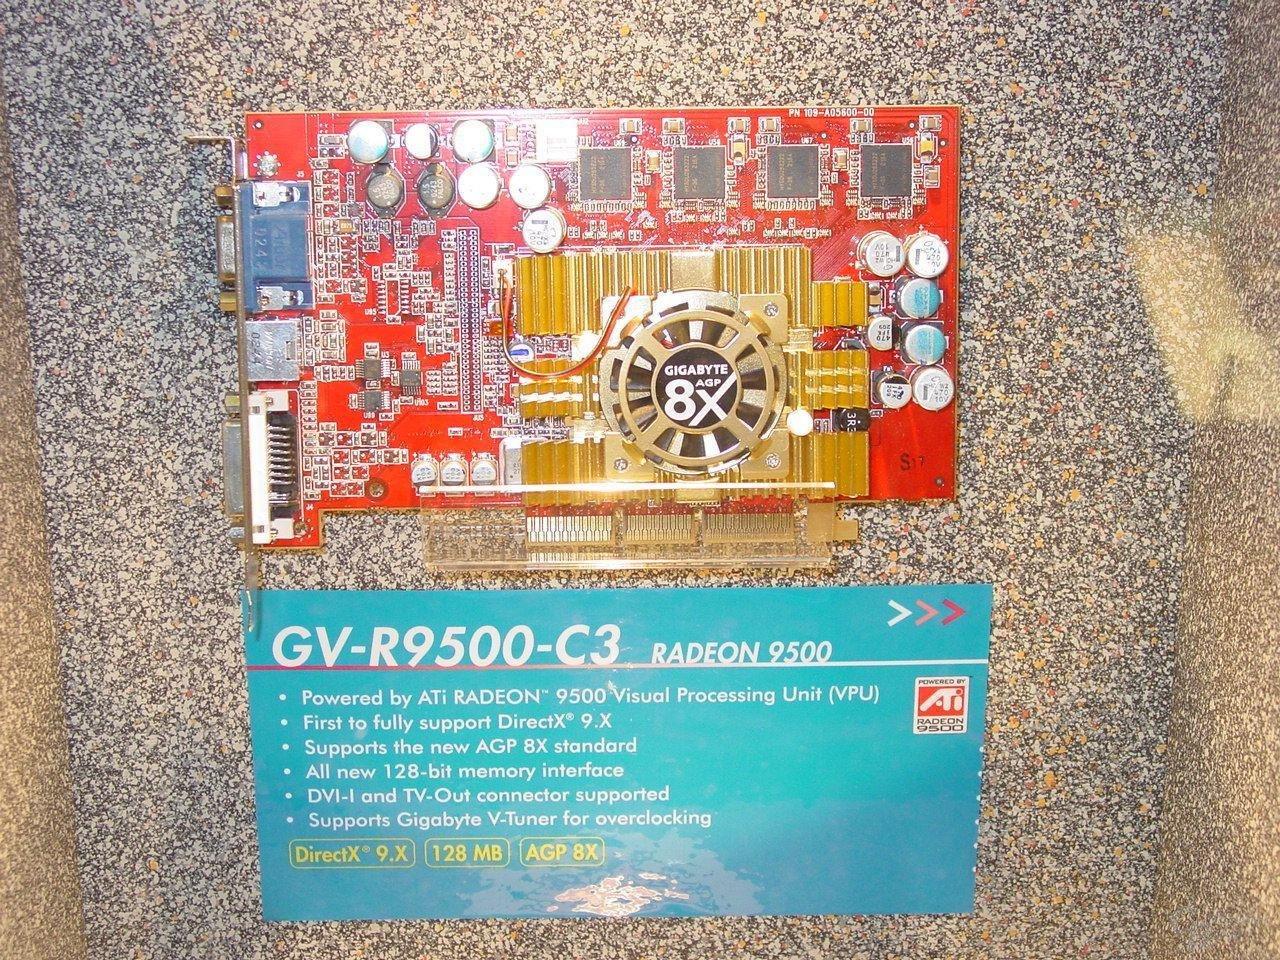 Radeon 9500